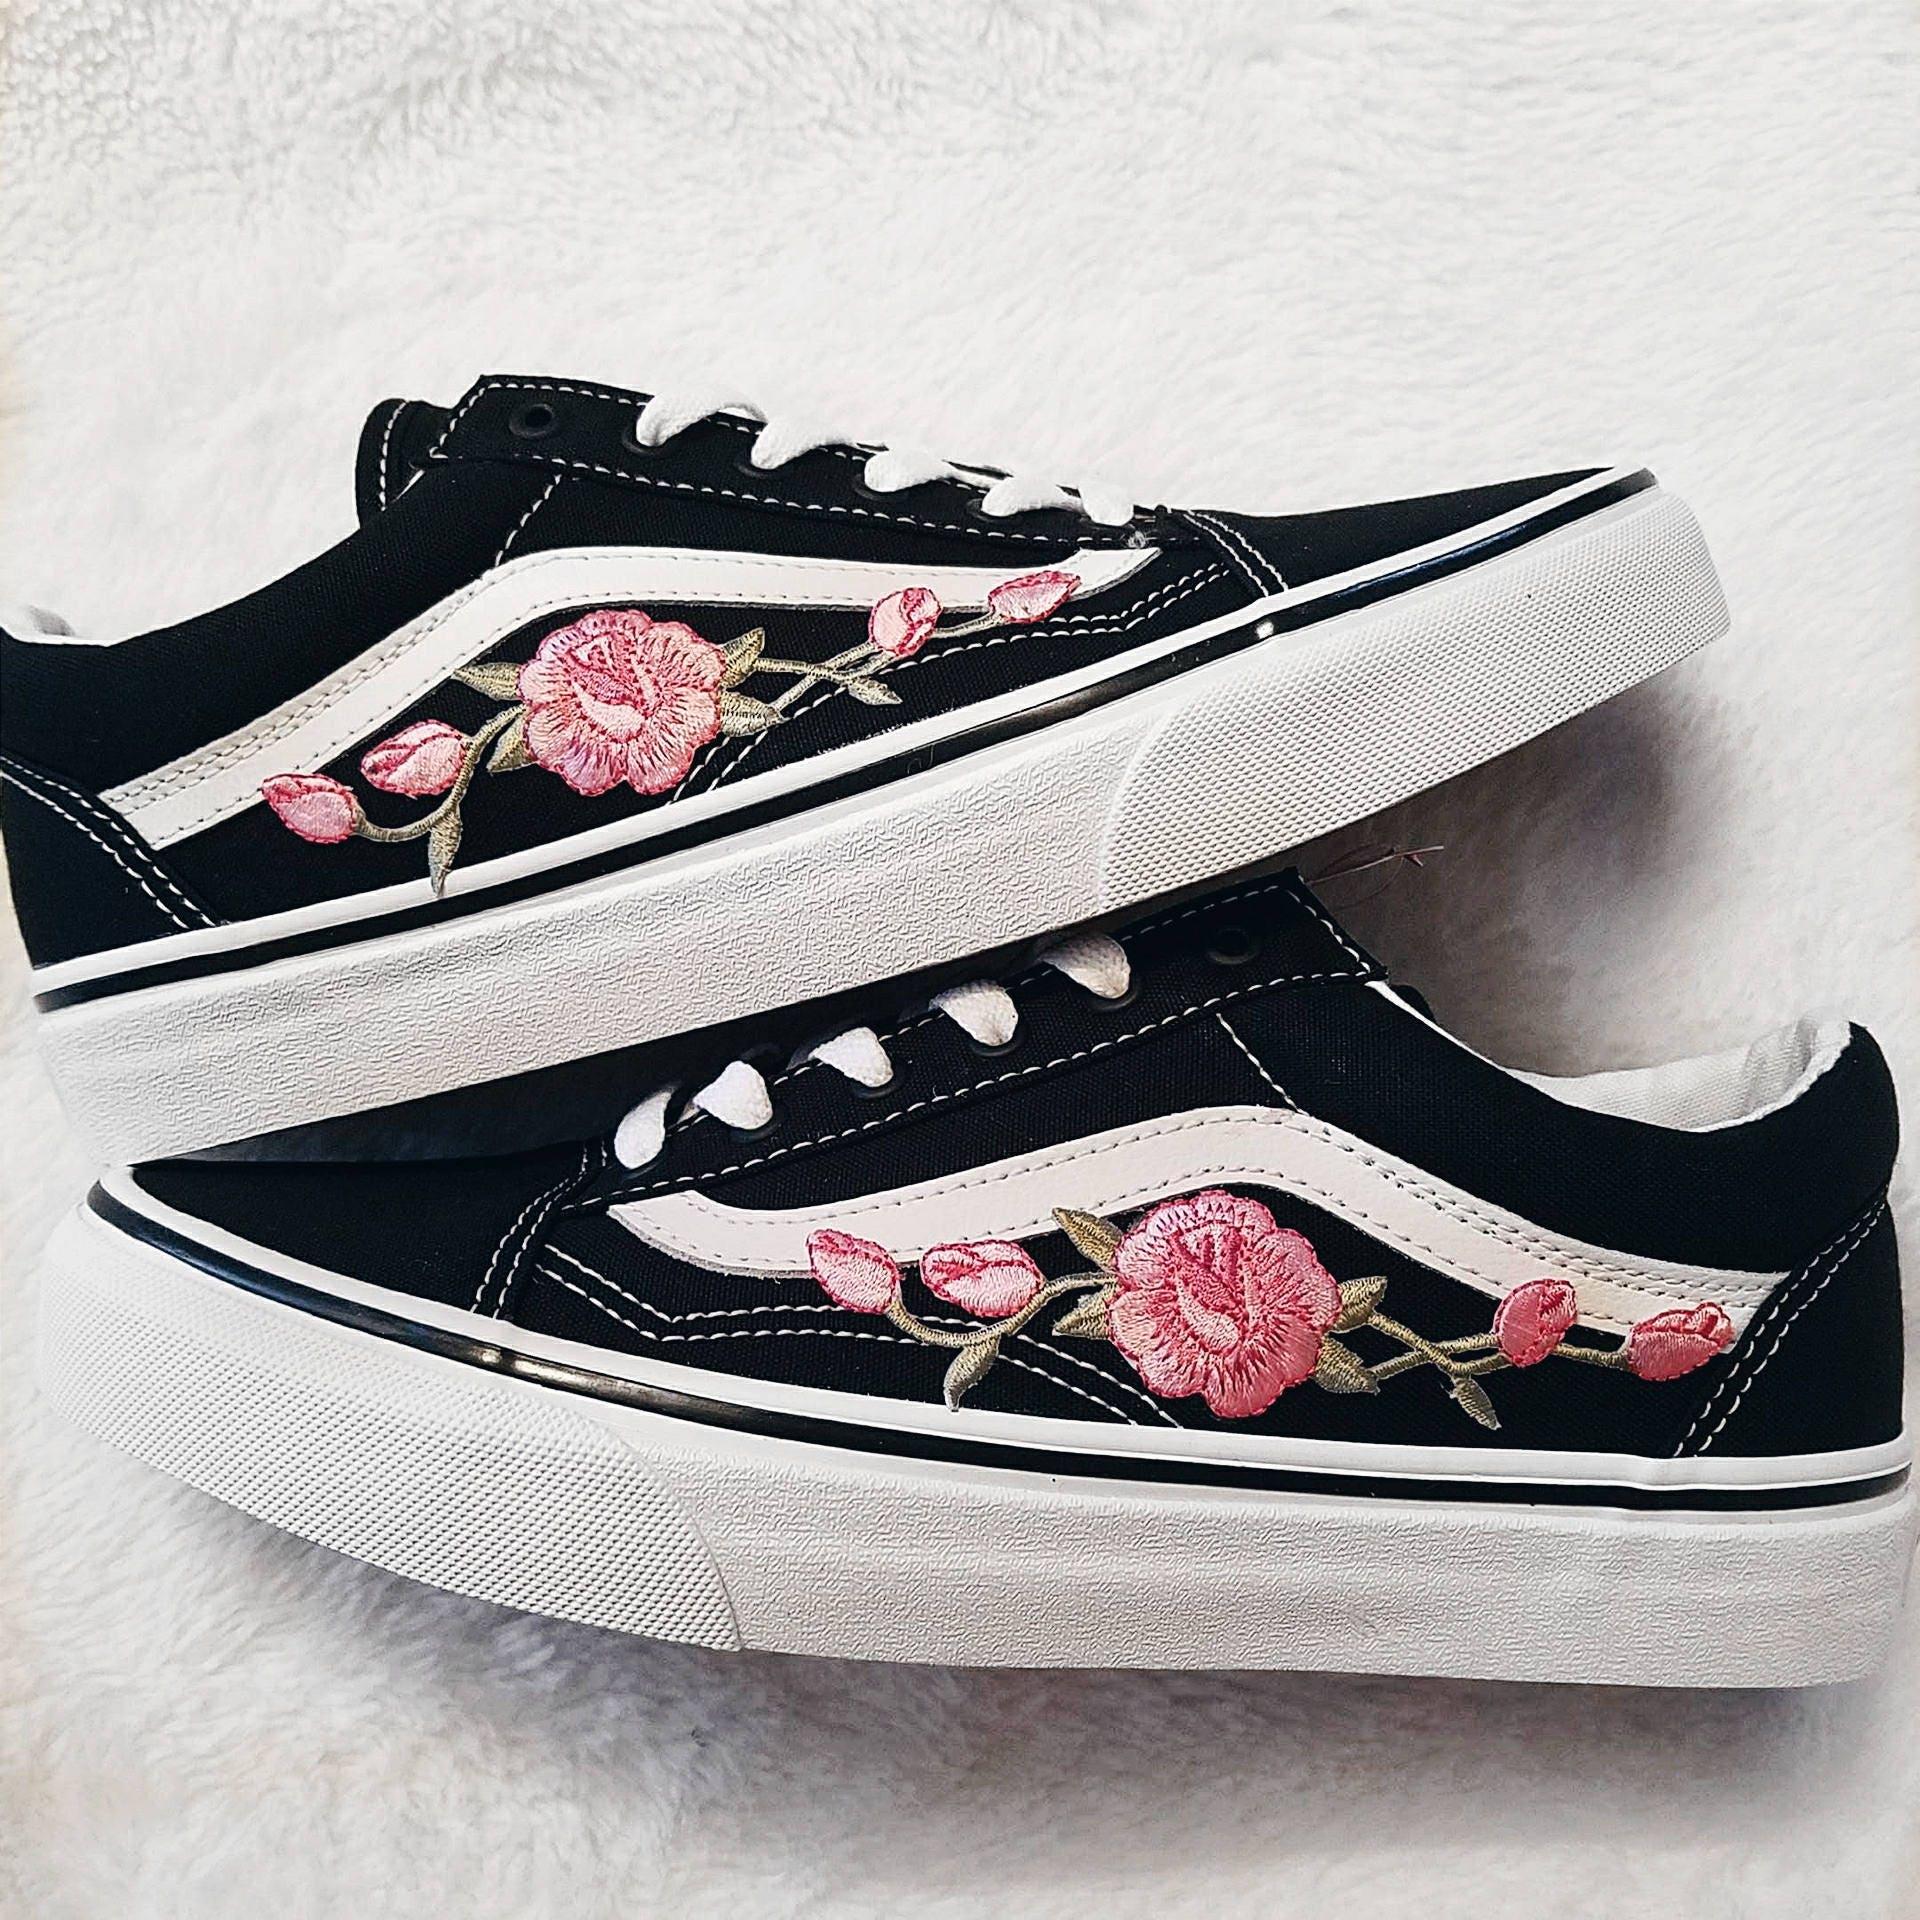 rose knospen rosa blk unisex custom rose bestickt patch vans. Black Bedroom Furniture Sets. Home Design Ideas